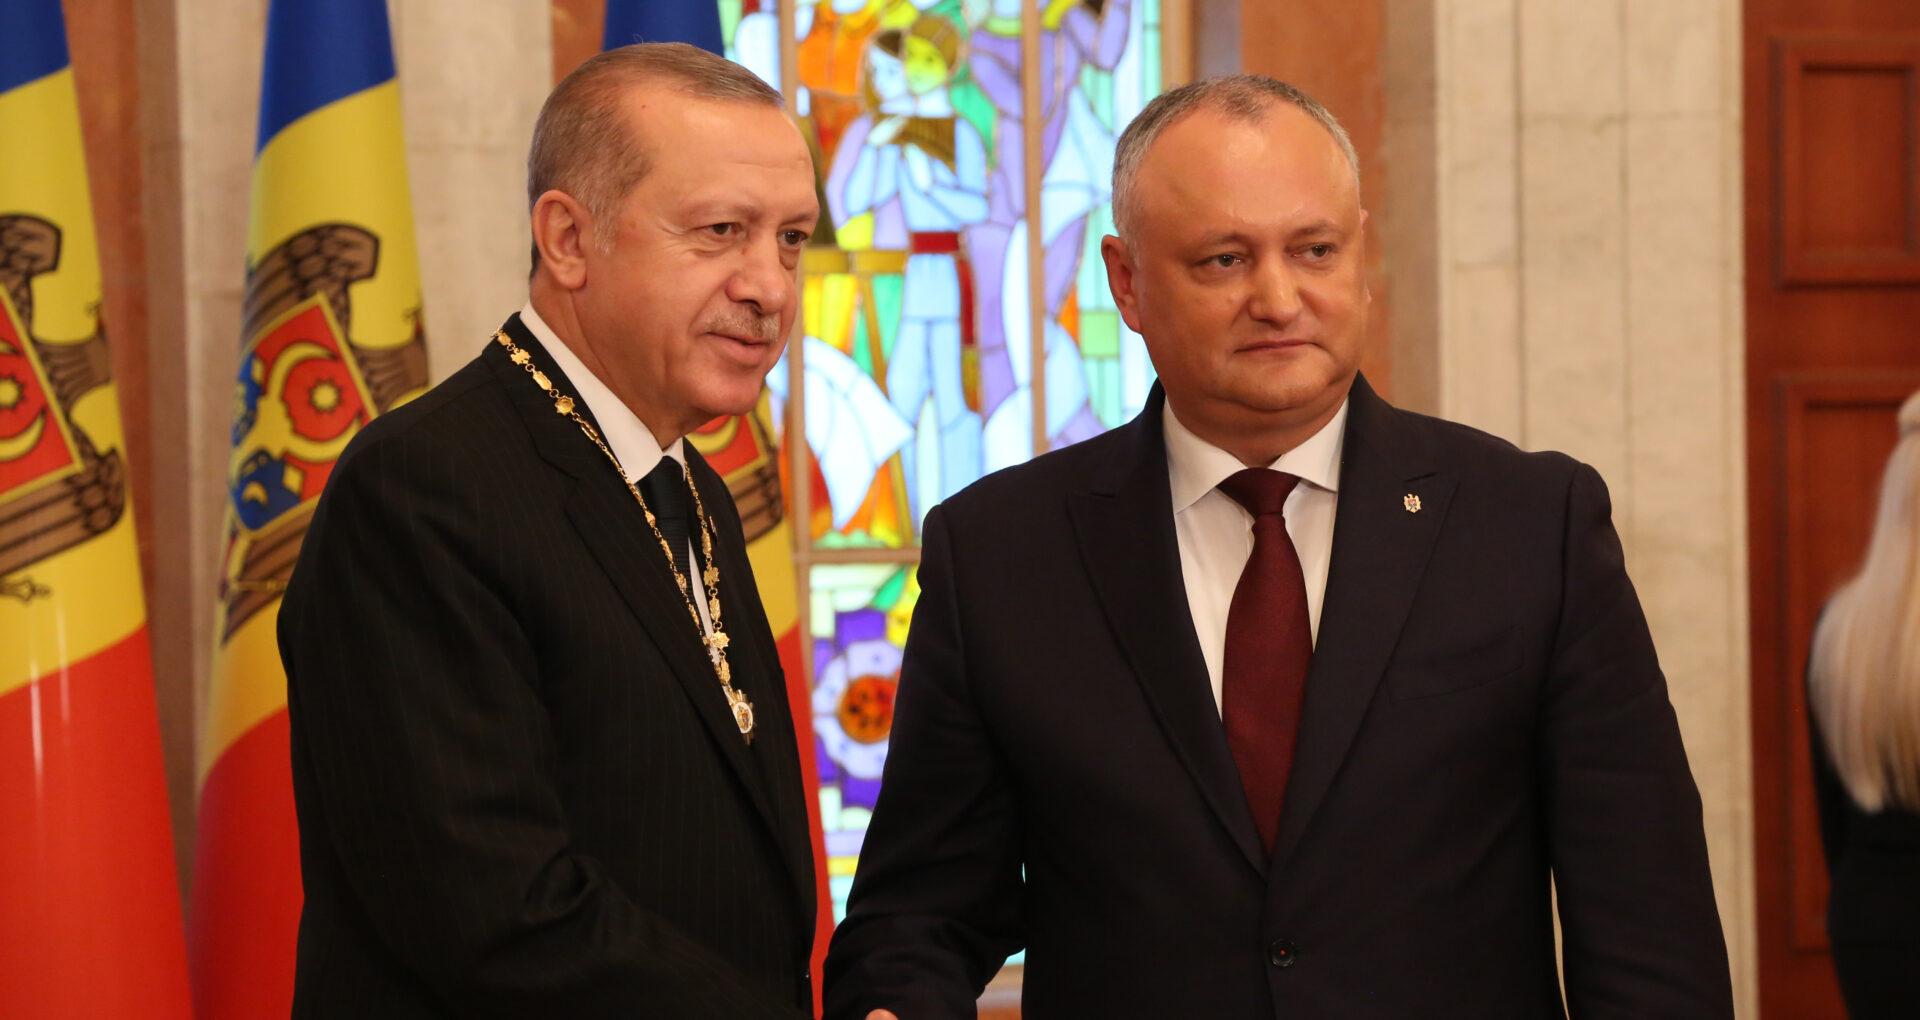 Cronologia relației dintre Dodon și Erdogan: de la vacanța oferită cadou, la Ordinul Republicii